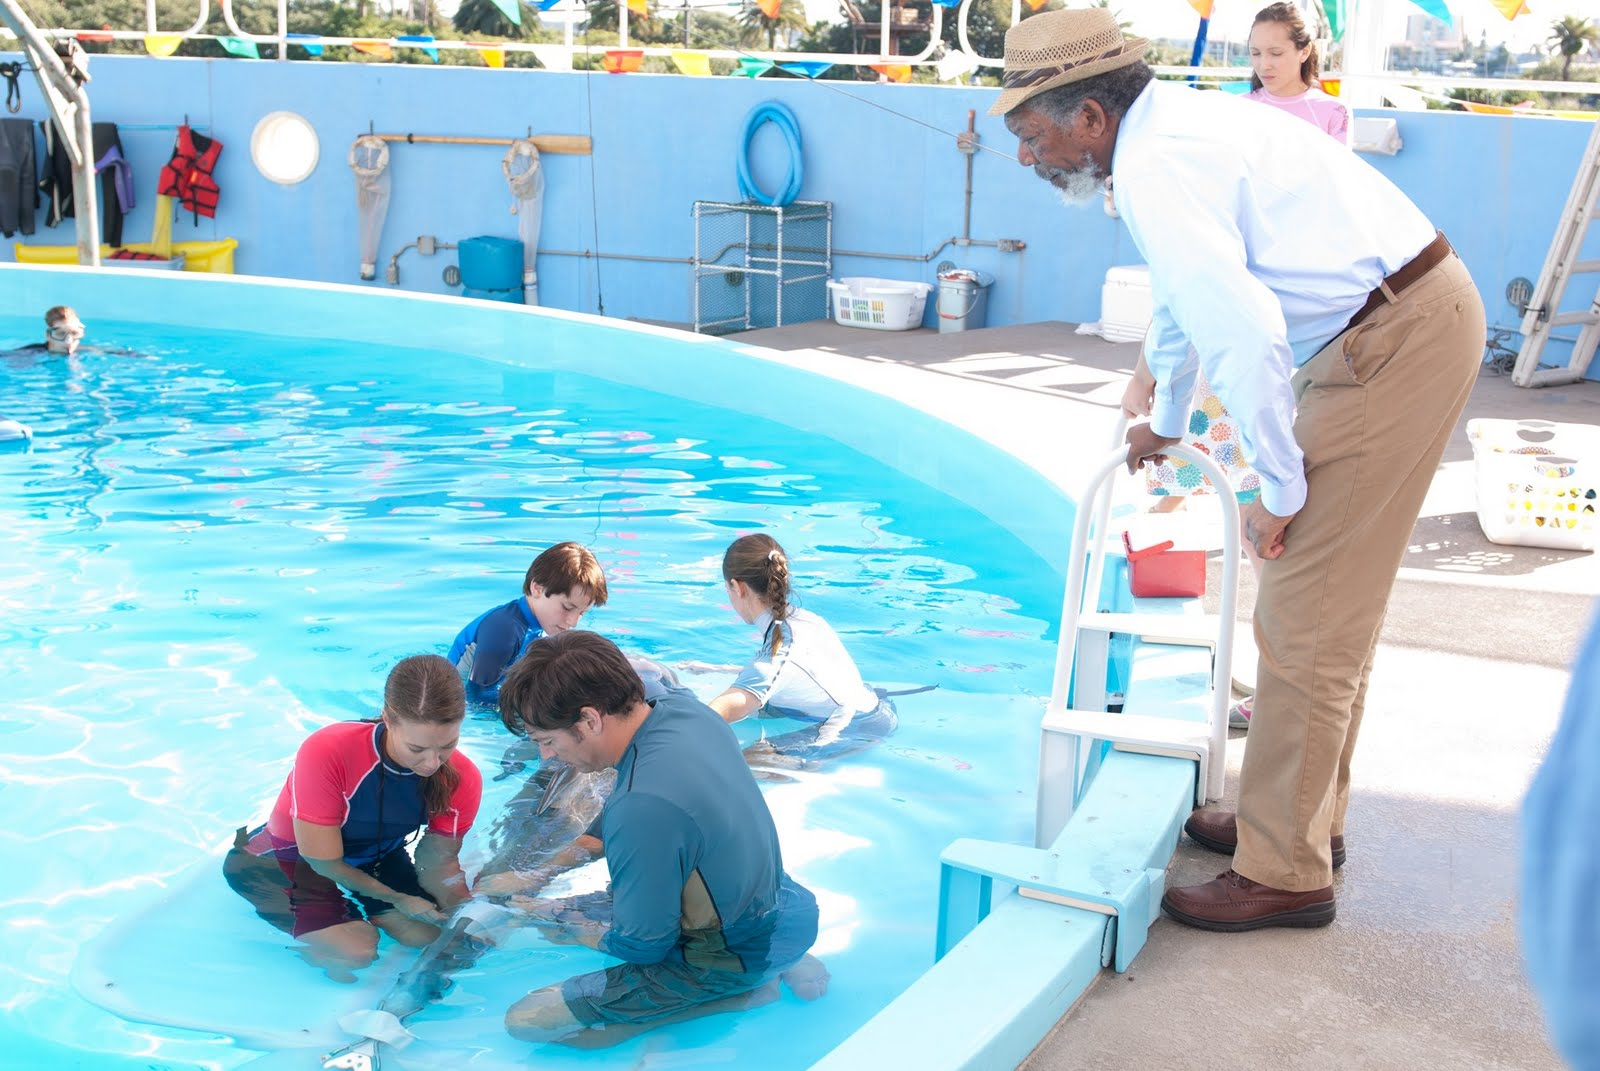 http://1.bp.blogspot.com/-smFrENal8Uc/Tv6ky6Dnr7I/AAAAAAAADvY/xBGKPVK_7Aw/s1600/Dolphin+Tale+Film.jpg